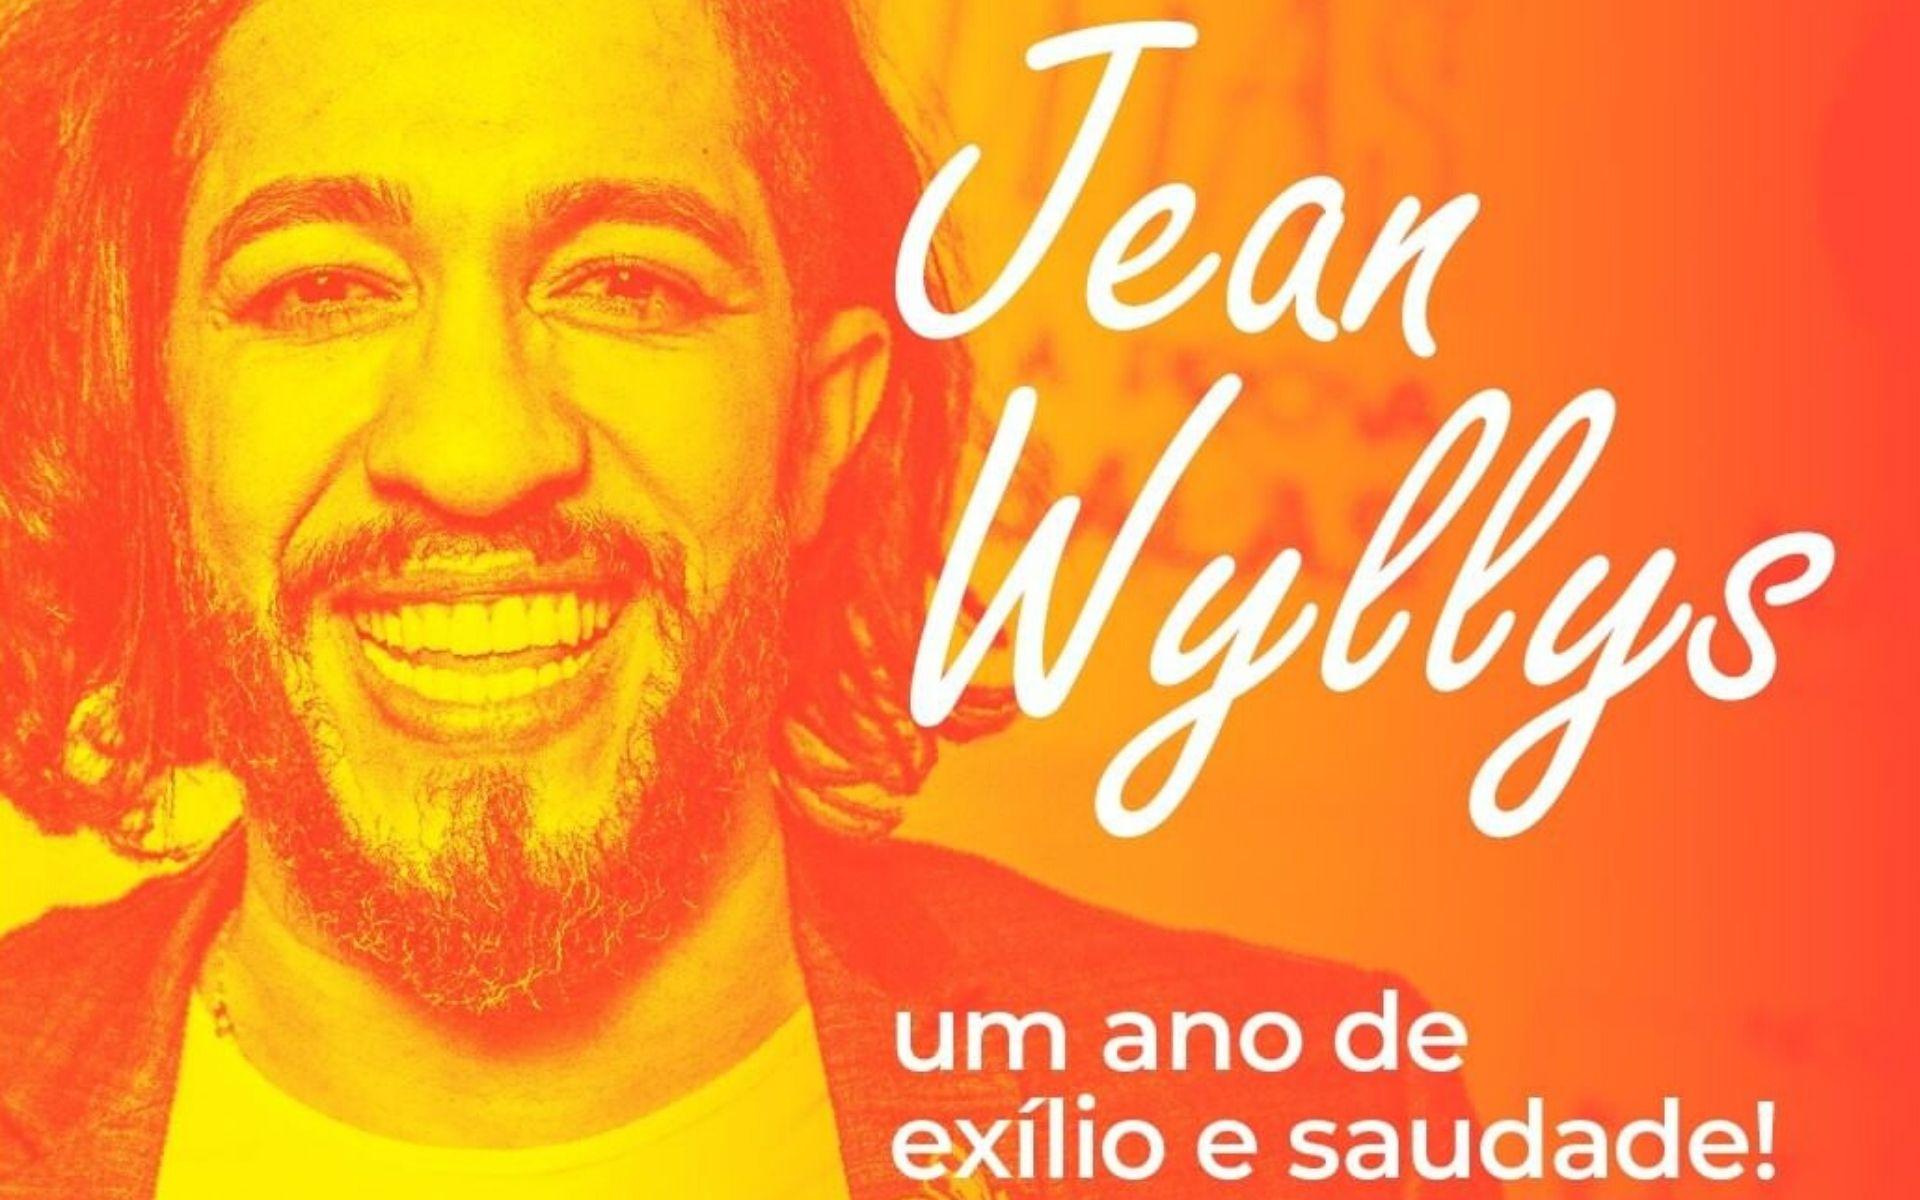 PSOL reforça narrativa e diz que Jean Wyllys está exilado